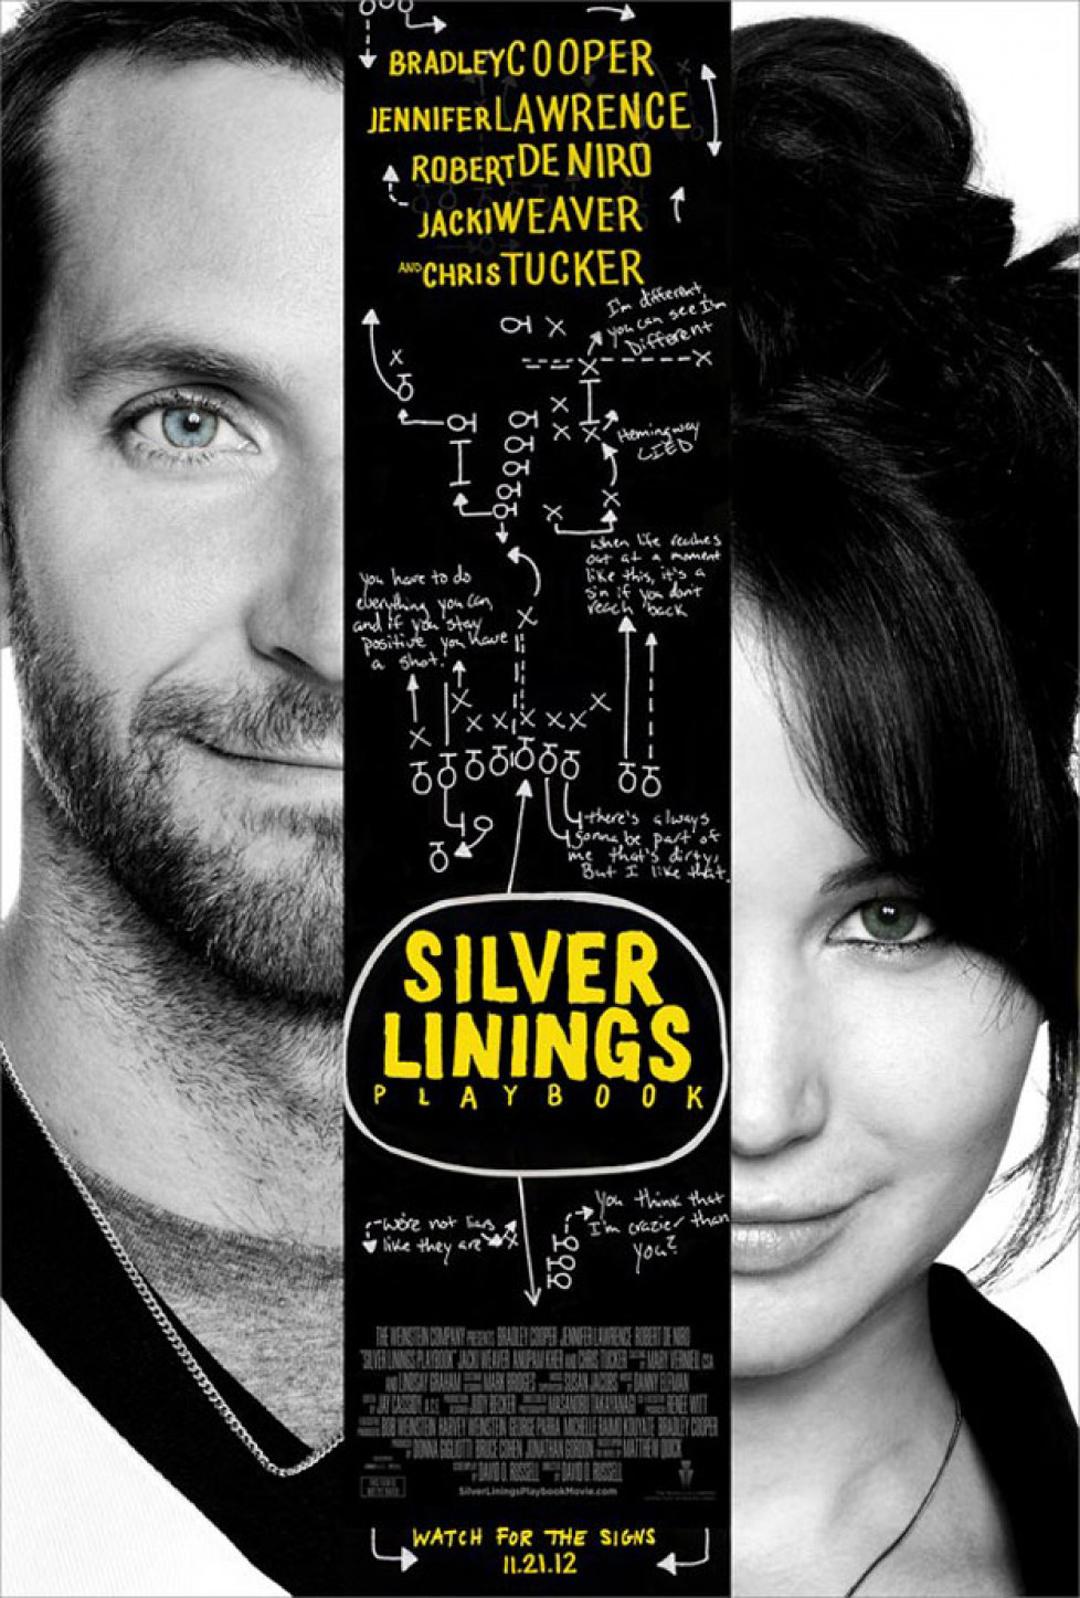 http://1.bp.blogspot.com/-5kaRU2NRBjo/UN_8HhvckcI/AAAAAAAAAcs/DFnERcC8zn4/s1600/silver-linings-poster.jpg